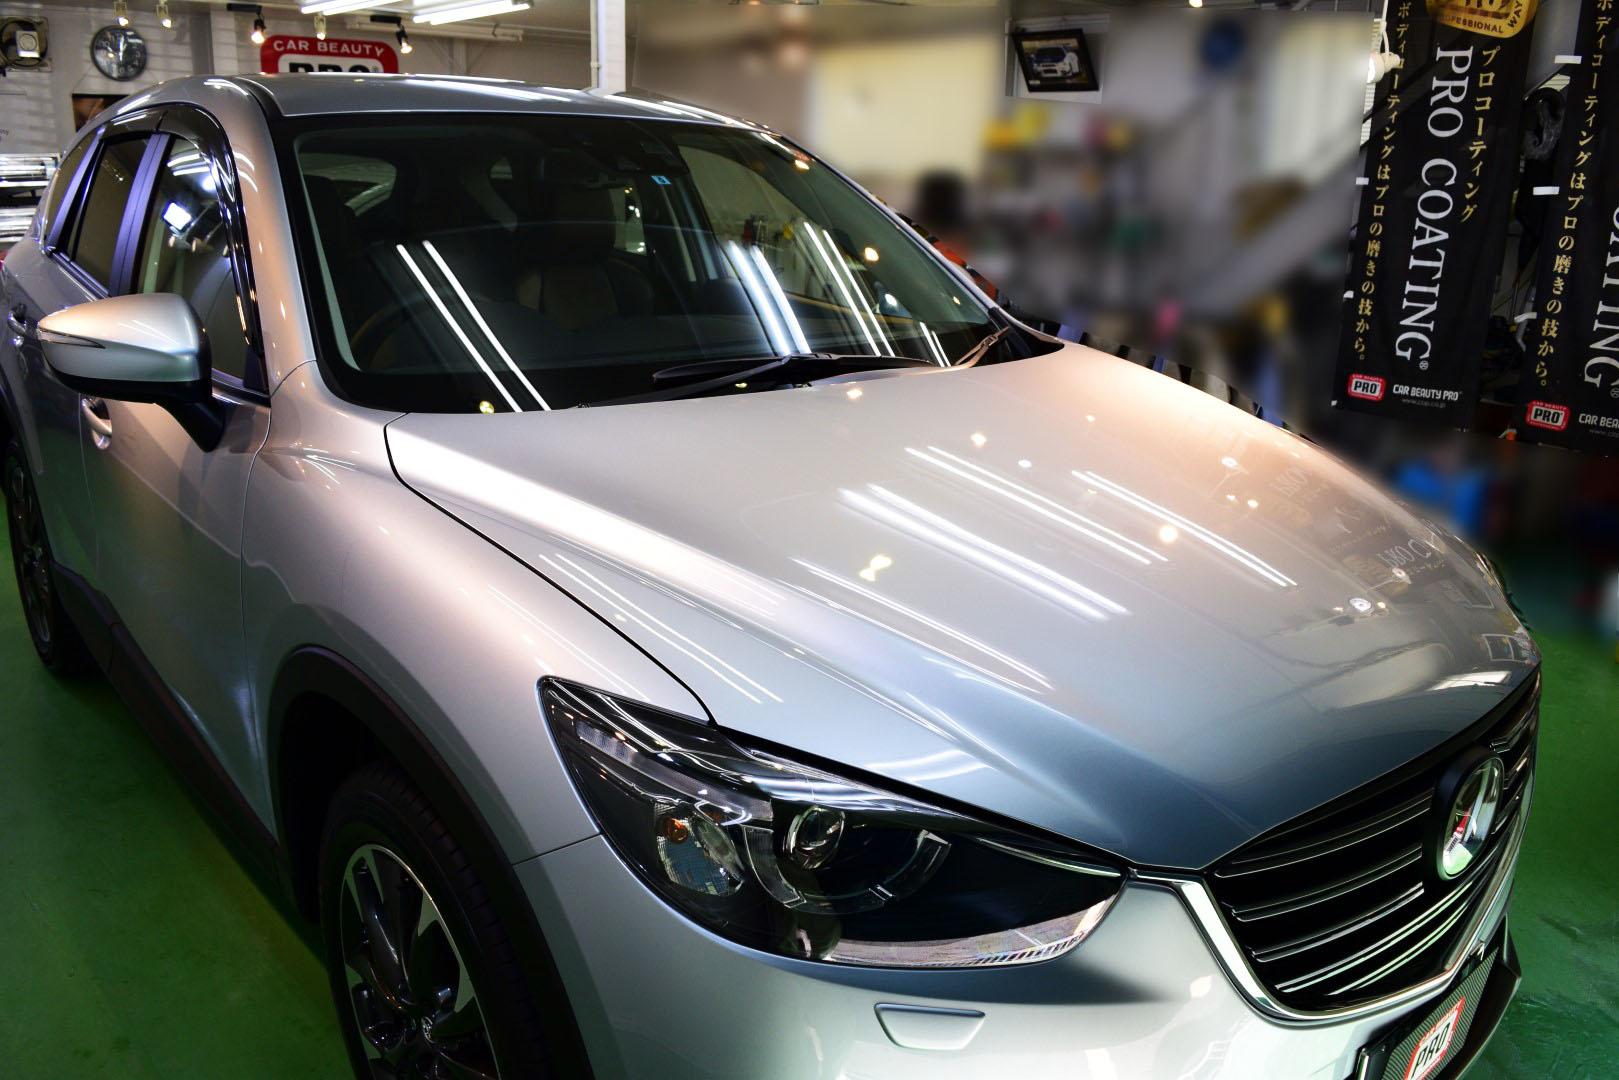 2015/10 マツダ・CX-5(ソニックシルバーメタリック)新車ミガキLEVEL0.5+PCX-S7(低撥水・艶・耐擦り傷・防汚性)ガラスコーティング)納車後すぐにご入庫となりましたCX-5  屋外駐車との事から低撥水性のPCX-S7をお勧めさせて頂きました。